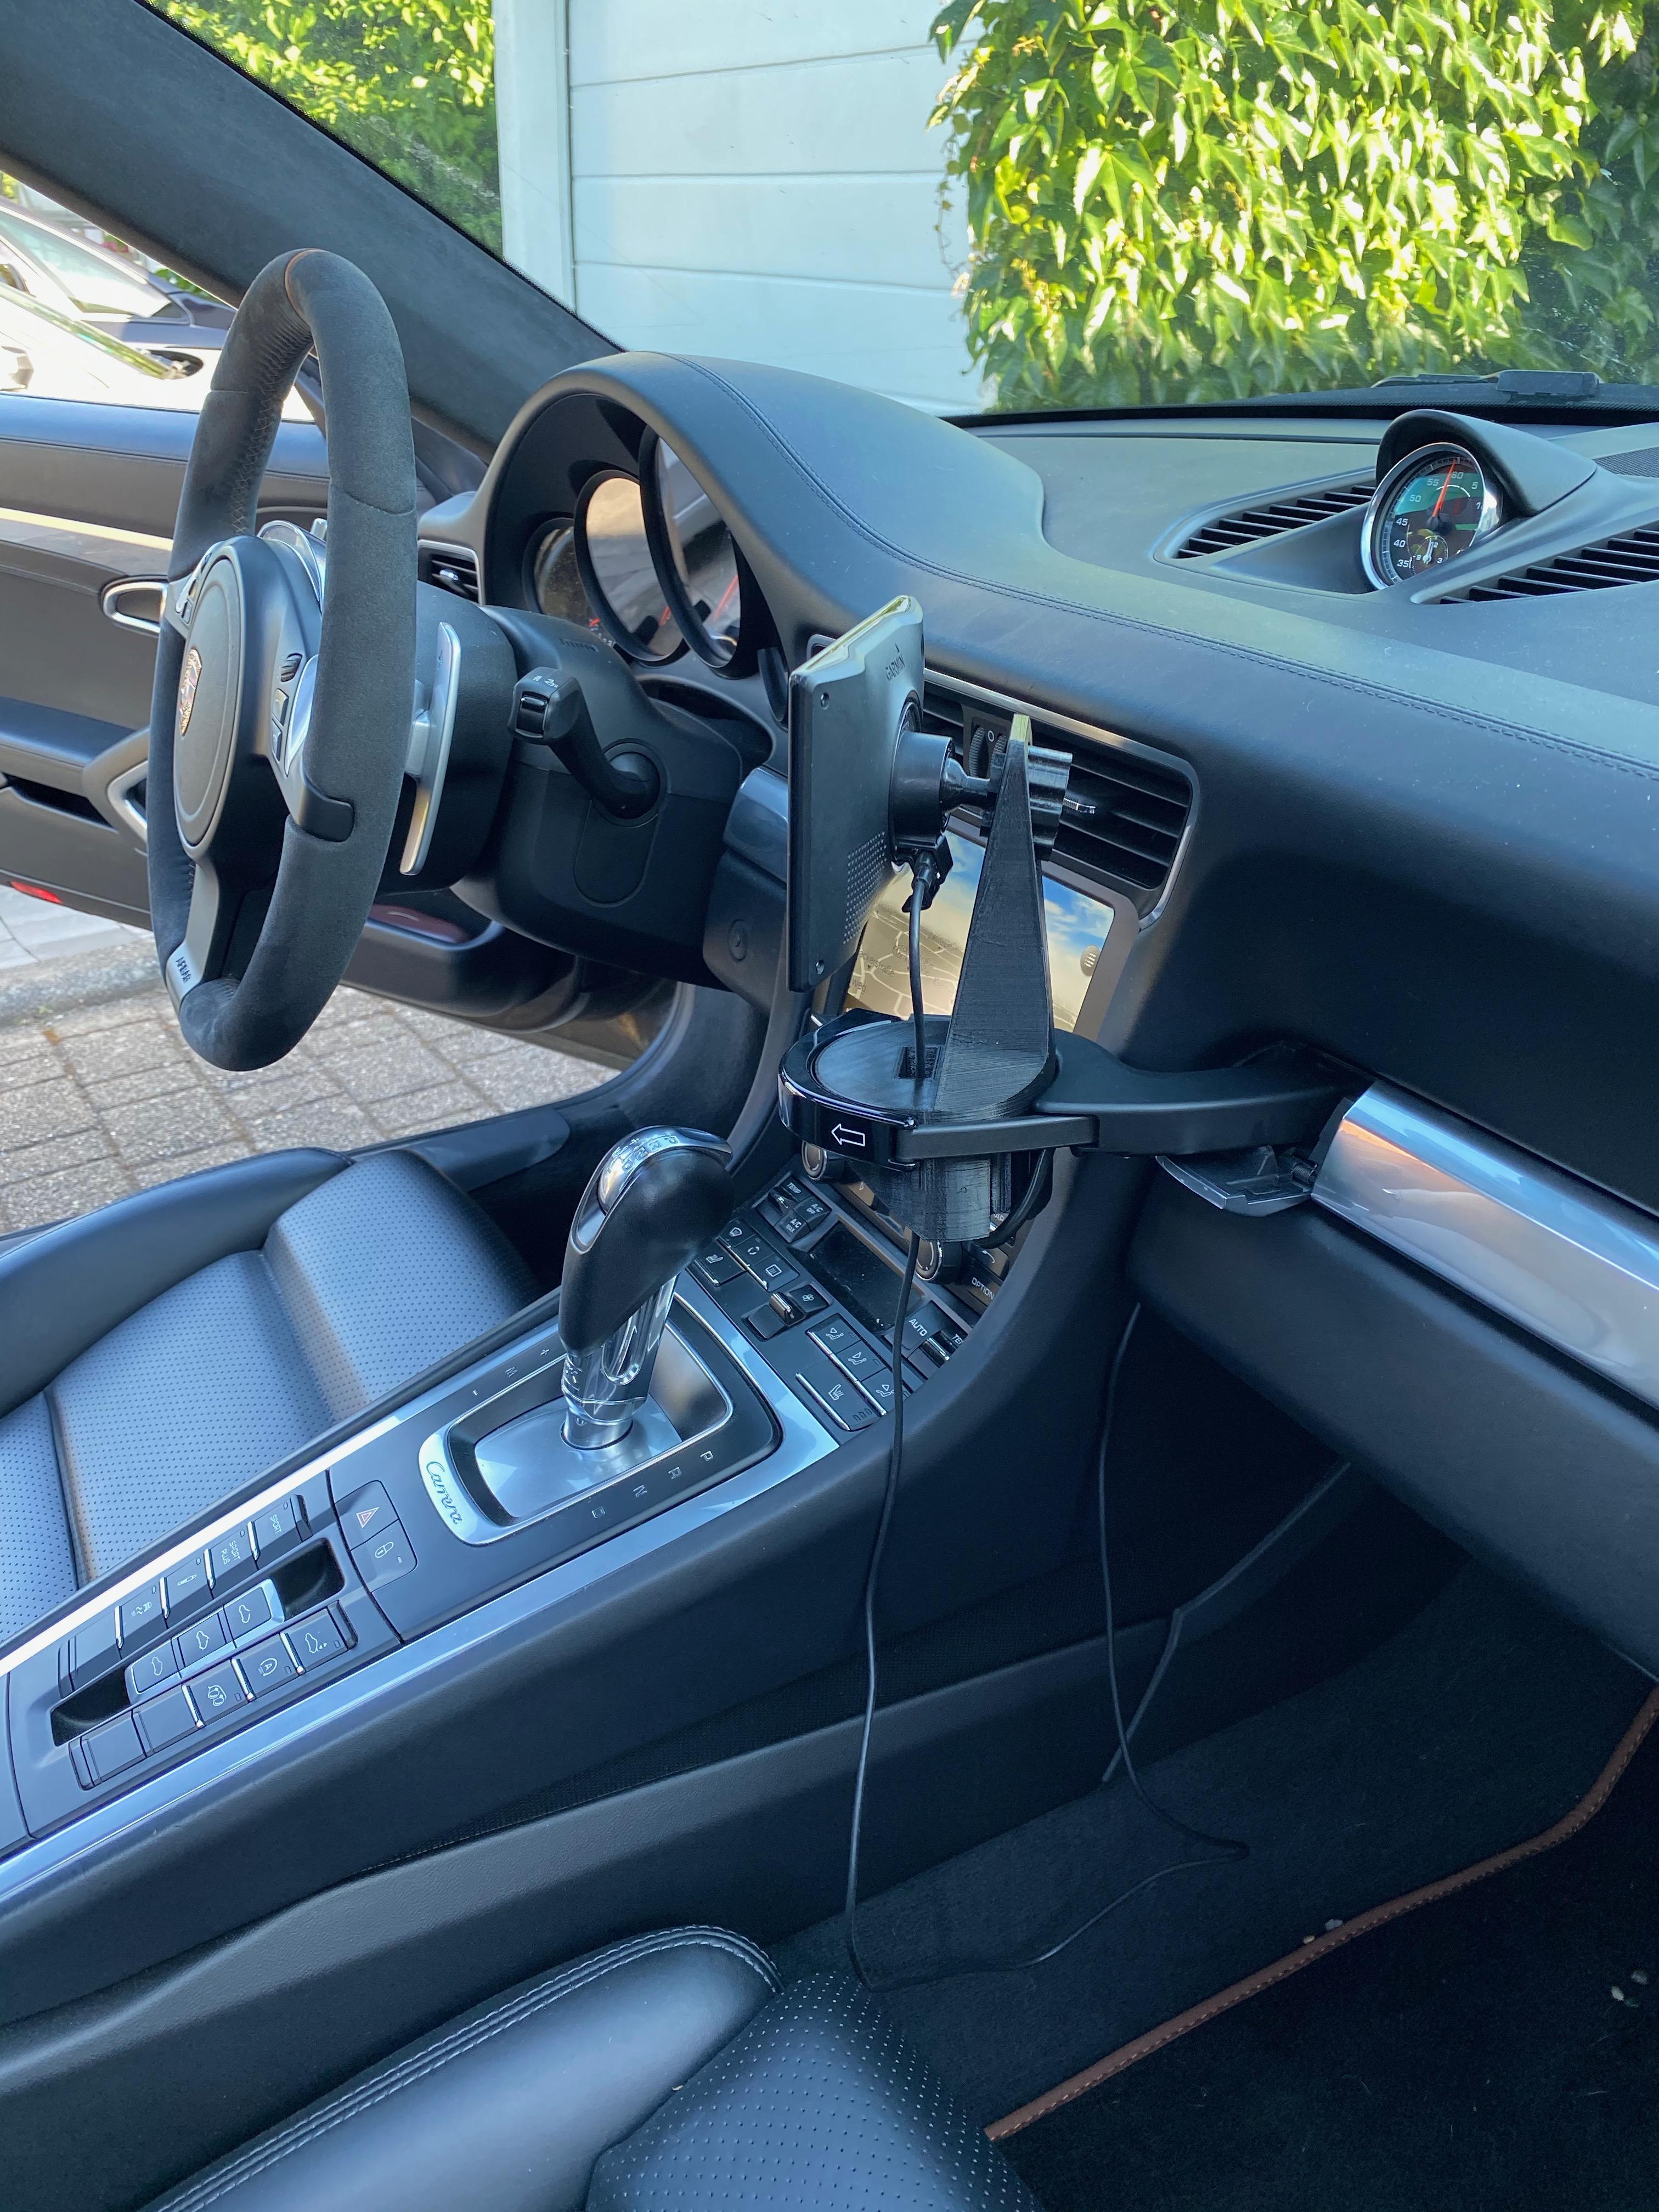 Halterung für Garmin Navi passend für Porsche 986/987/997/991/992/981/usw.